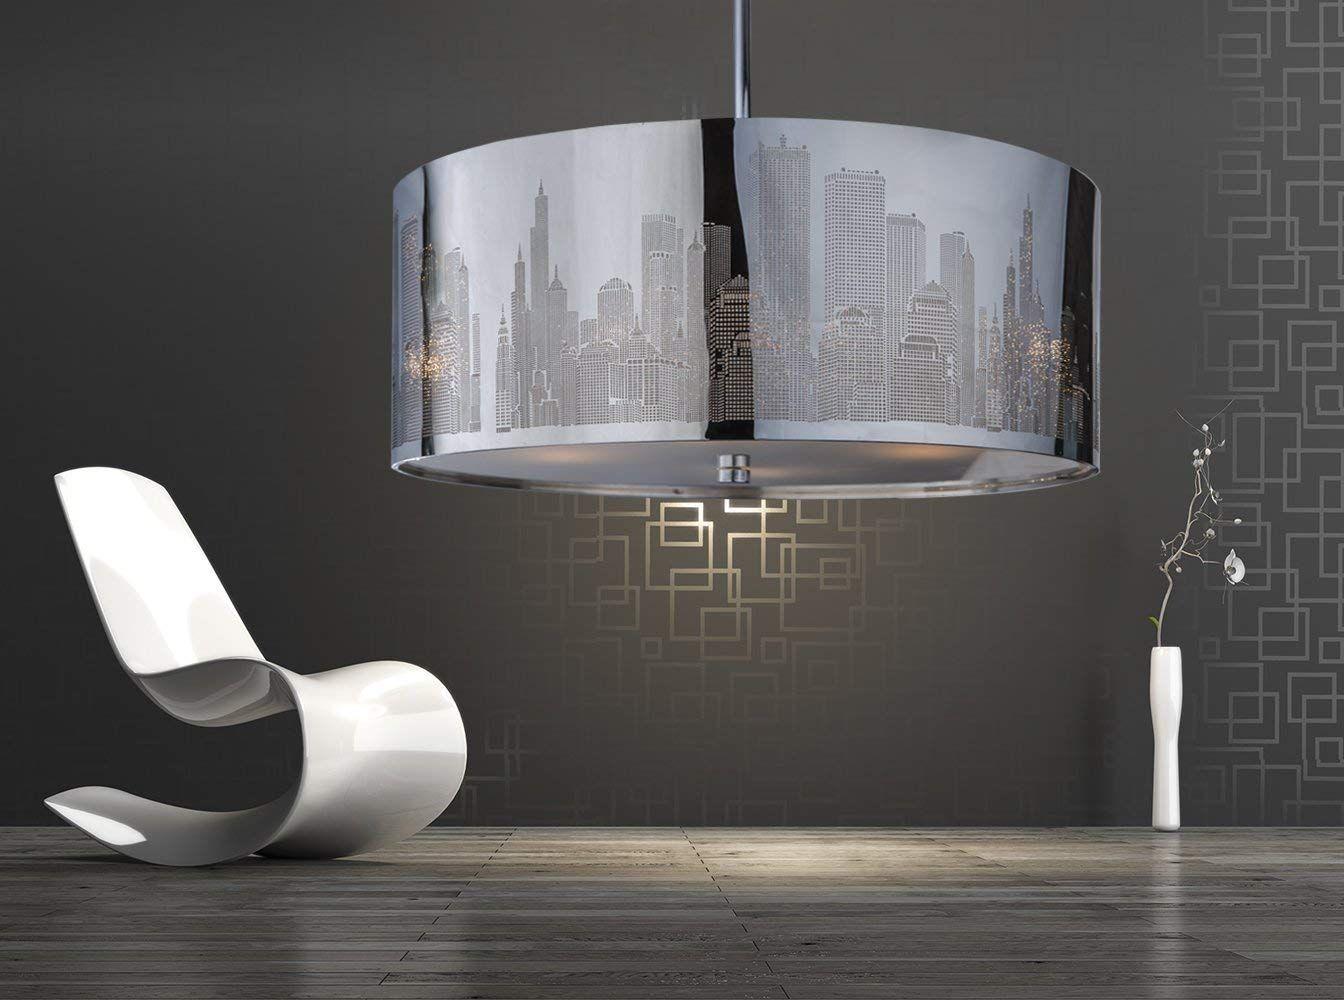 Xxl Skyline Luxus Hangelampe Hangeleuchte New York Deckenlampe Lampe 50cm Lounge Wohnzimmer Esszimmer Schlafzimmer Lamp Hanging Lights Home Decor